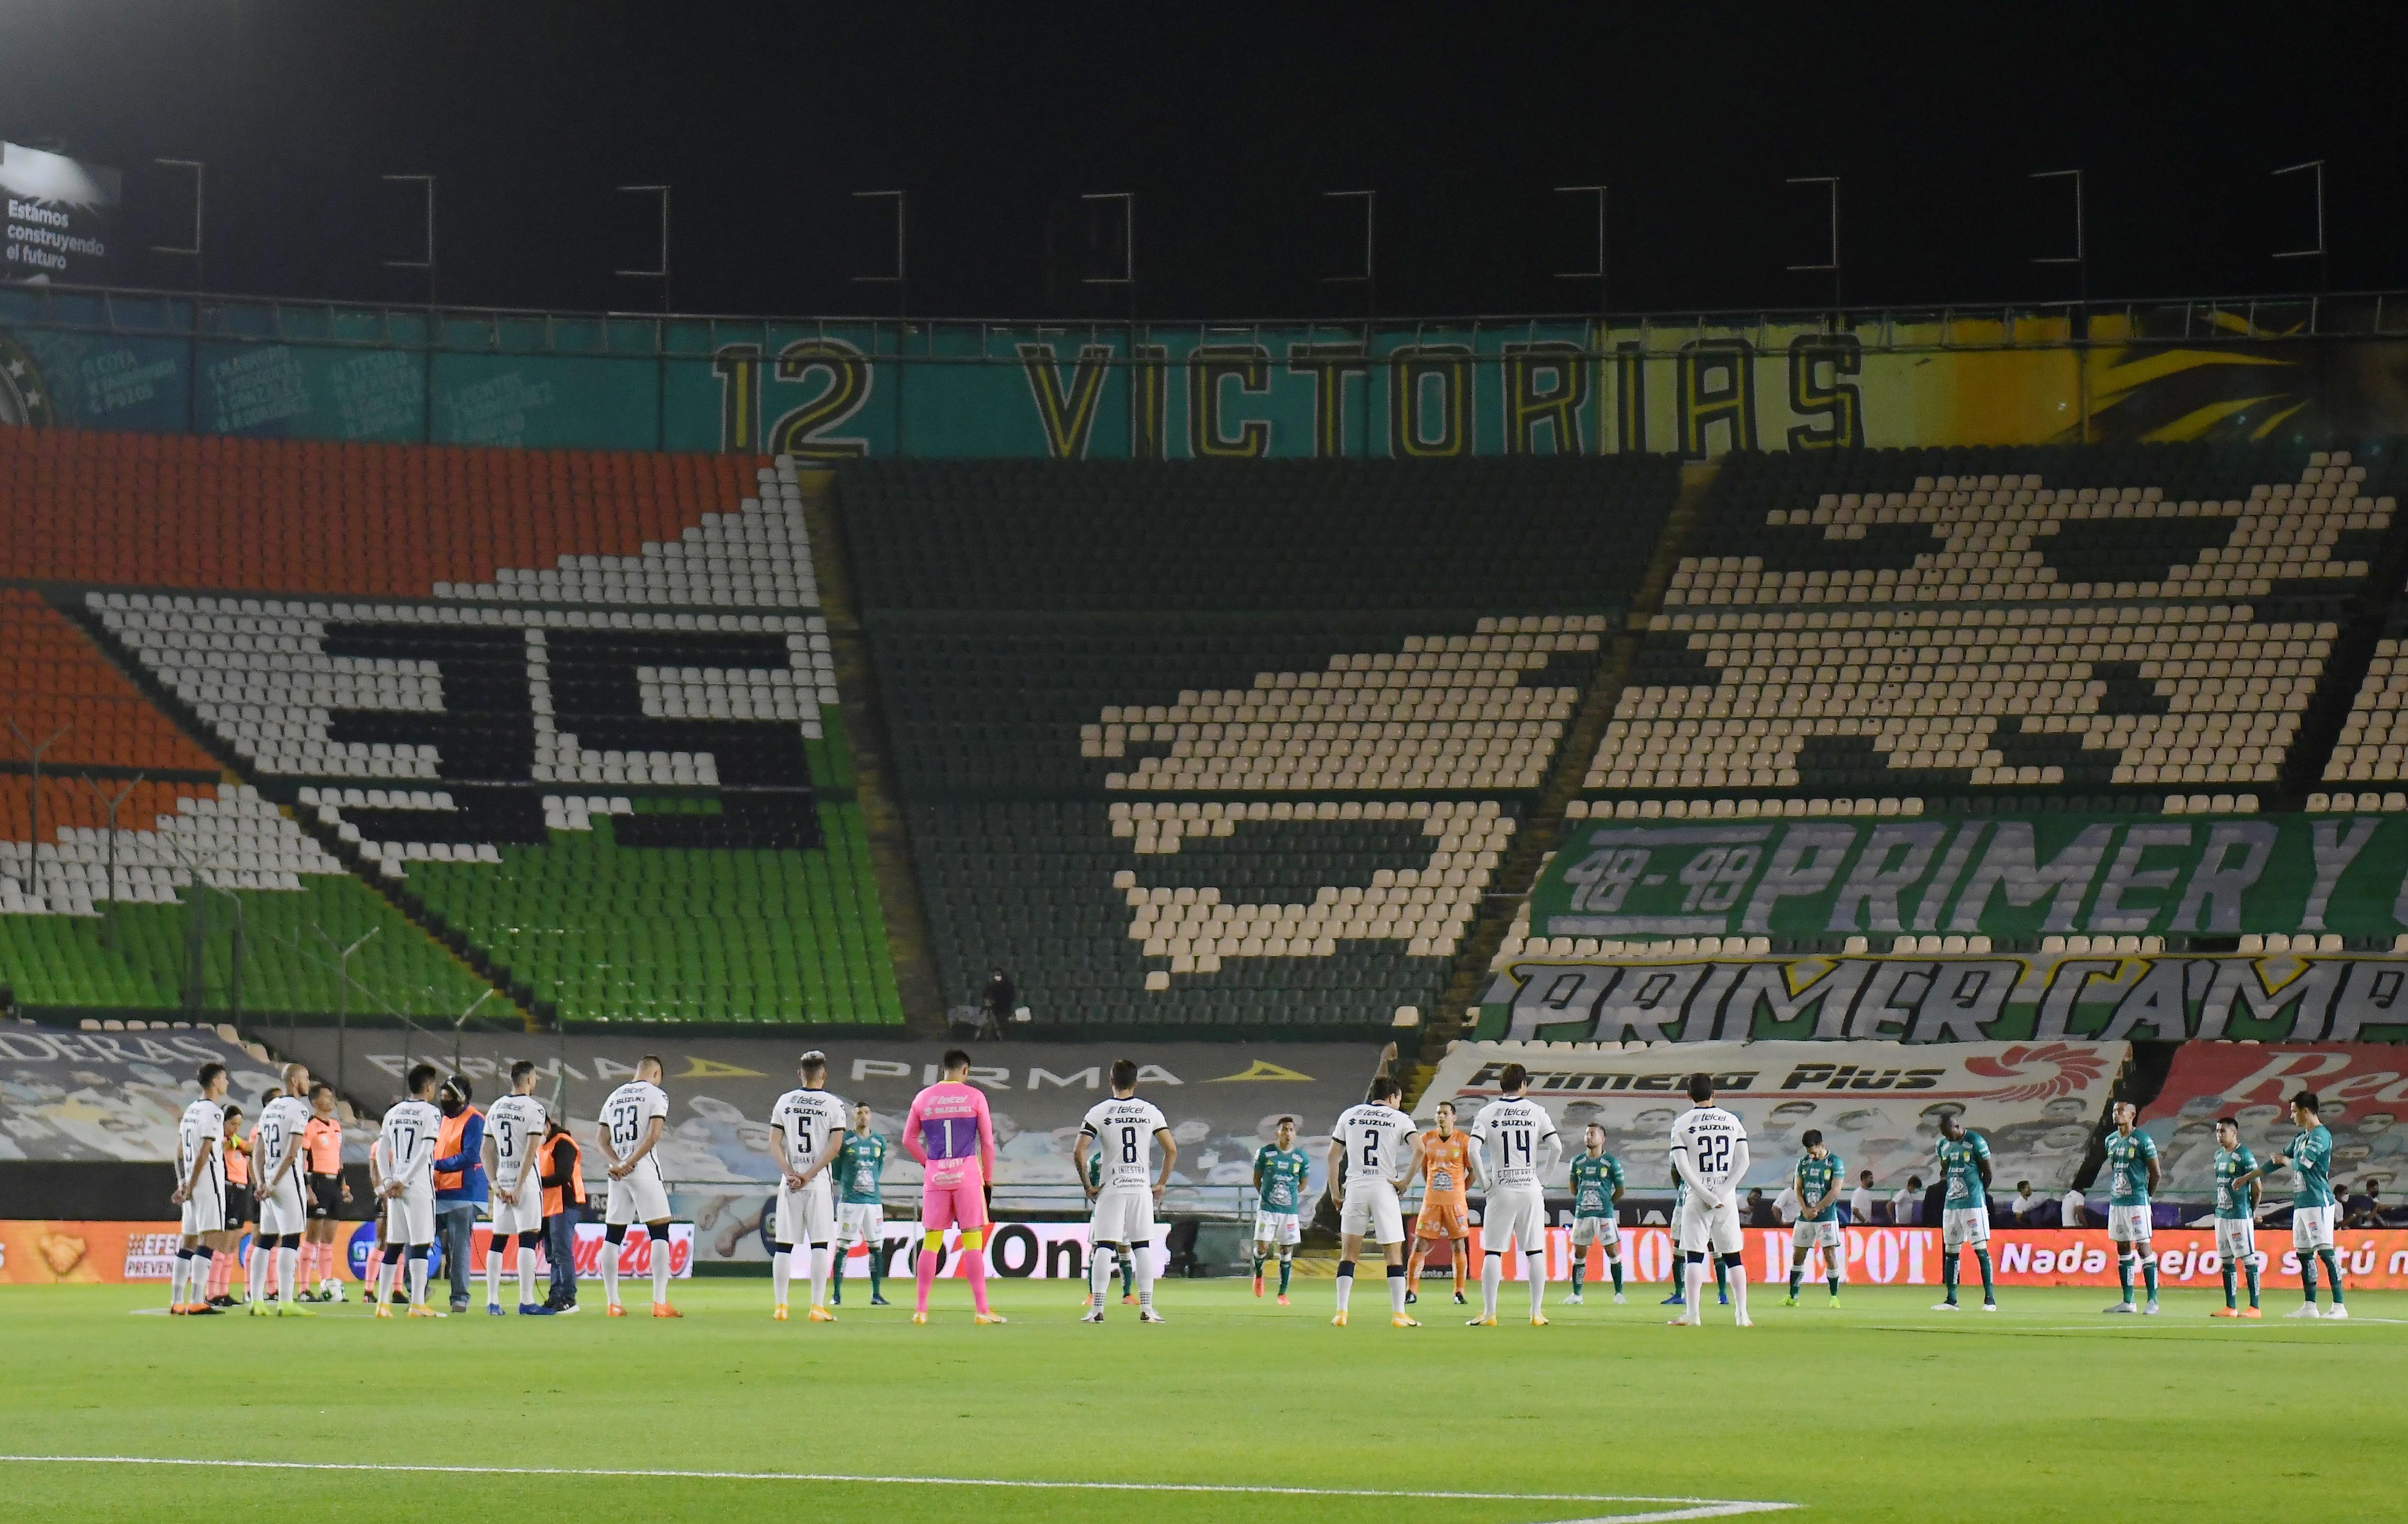 Se dedicó un minuto de silencia por el personal de salud y las víctimas del Covid-19. Estadio León, México. El 13 de diciembre de 2020.